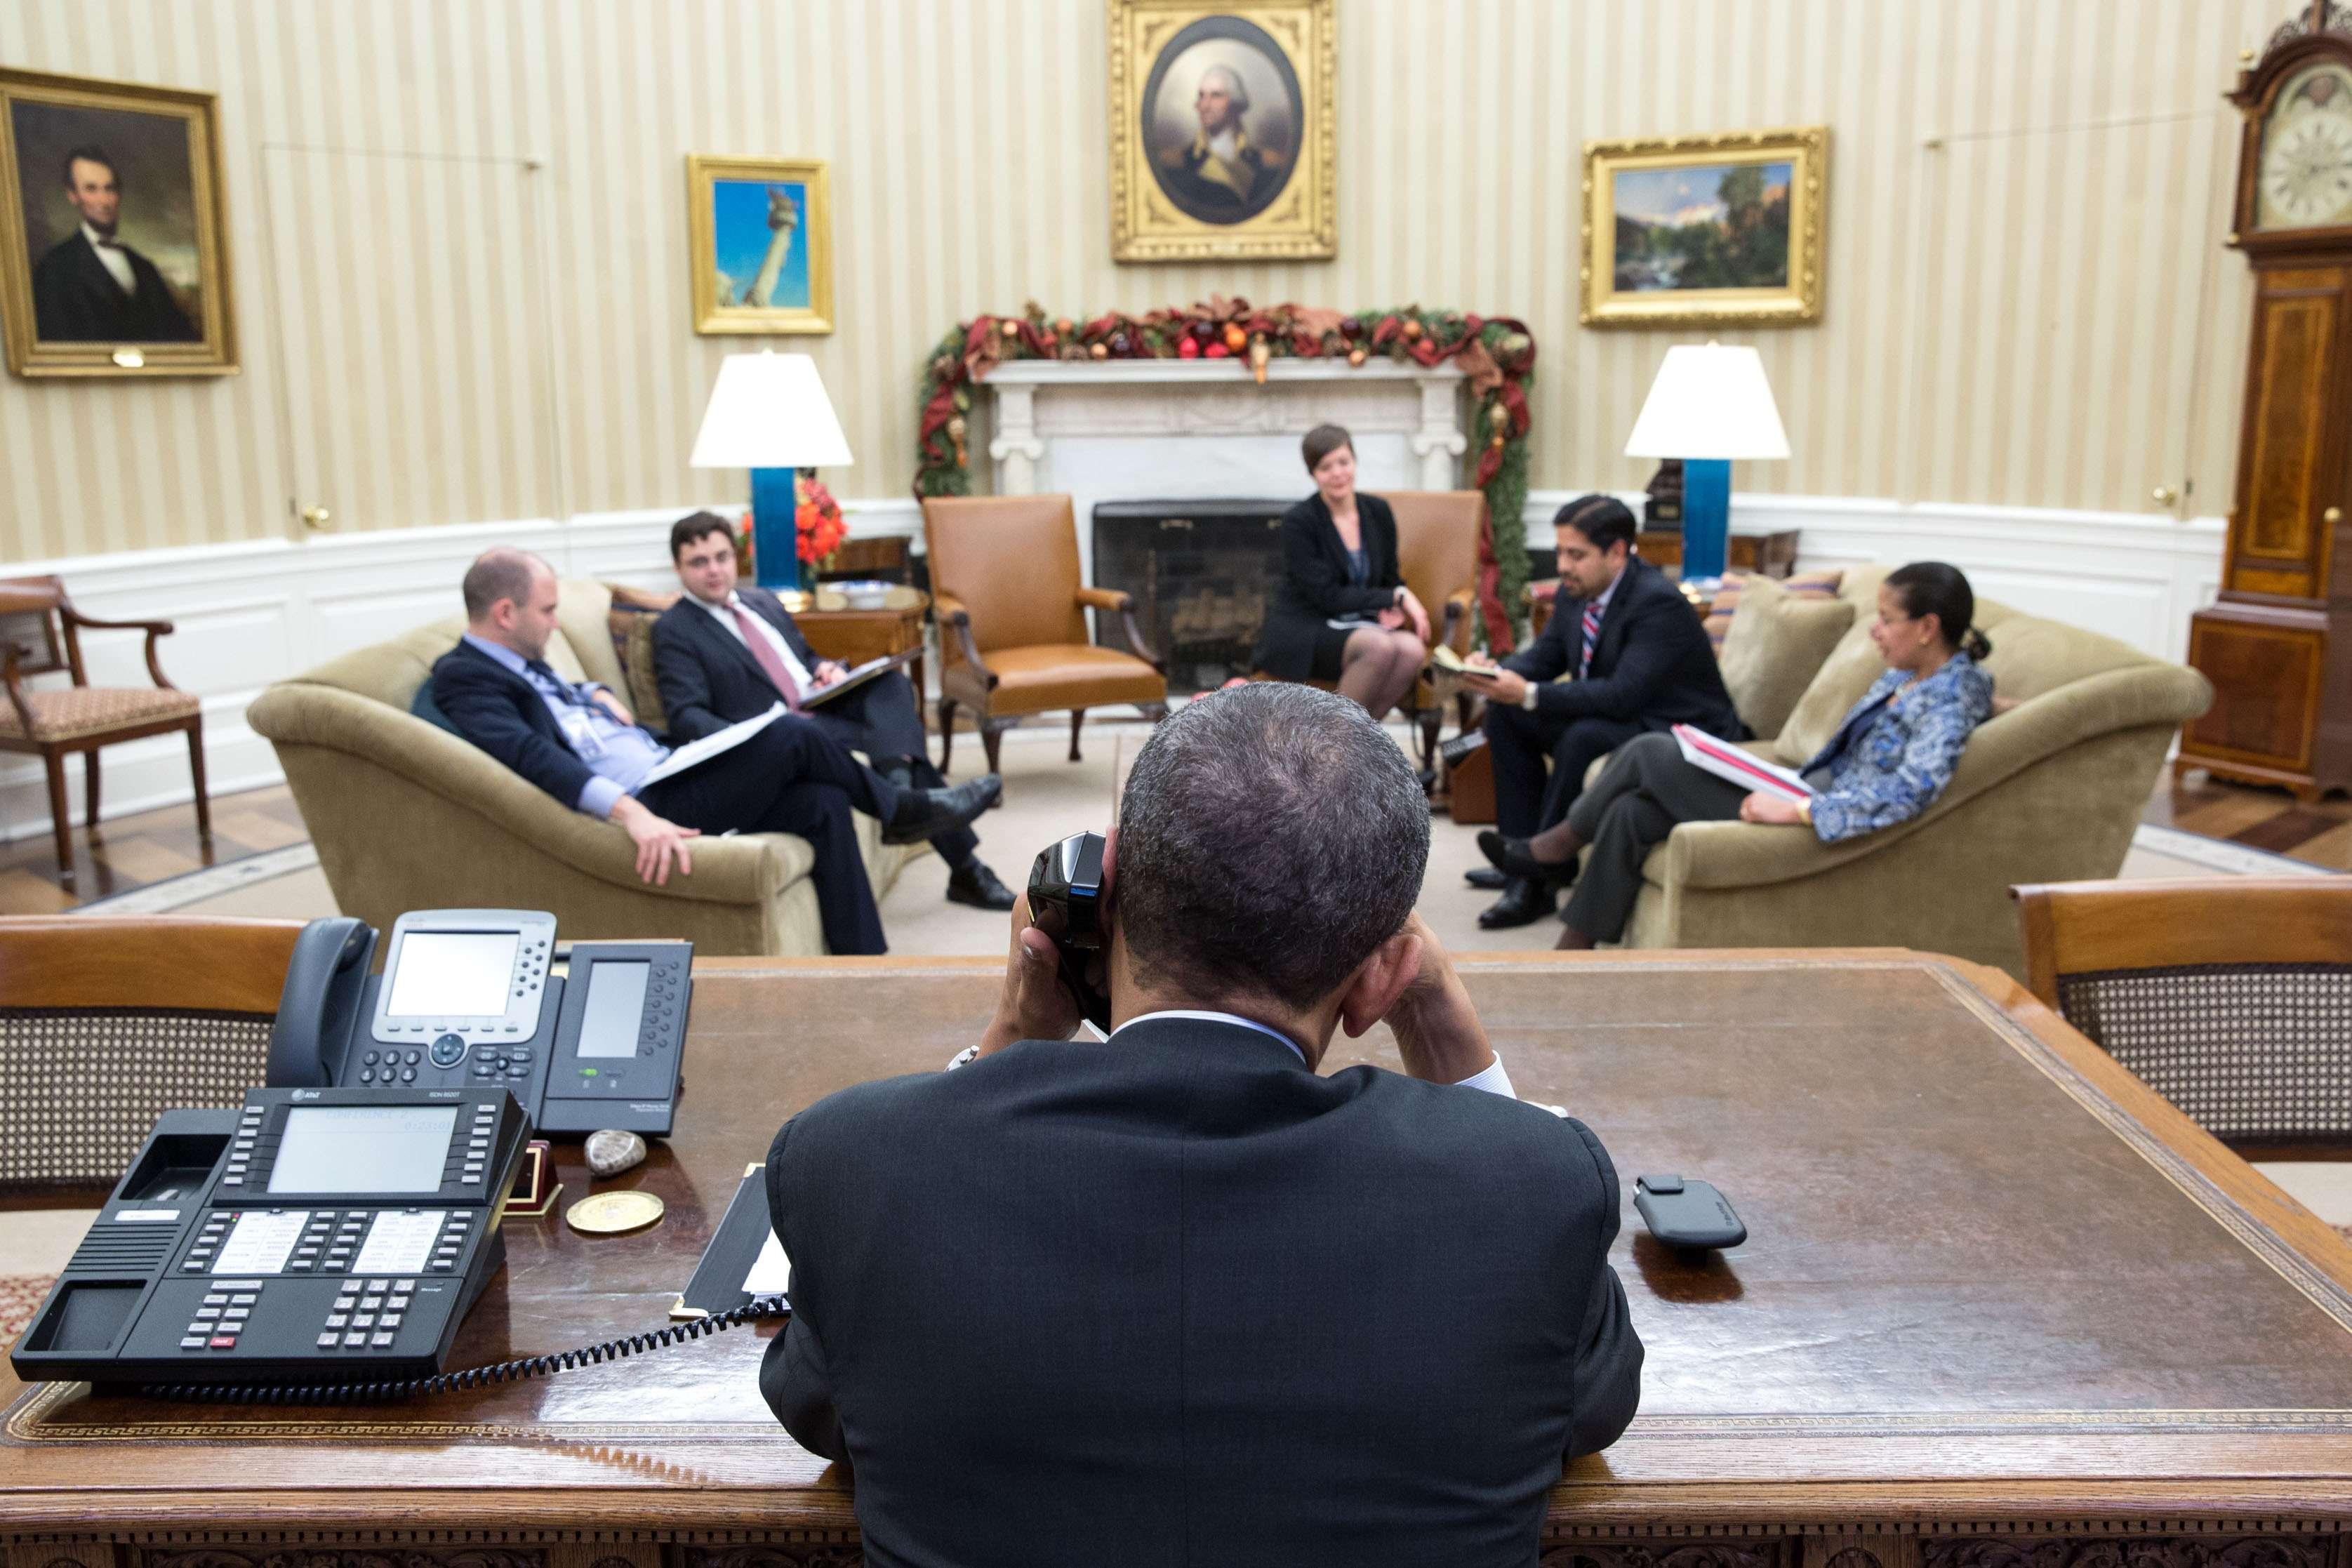 Presidente dos Estados Unidos, Barack Obama, fala ao telefone com o presidente de Cuba, Raúl Castro; o motivo da ligação foi a retomada das relações diplomáticas entre Estados Unidos e Cuba, depois de mais 50 anos Foto:  Pete Souza / TWH/Fotos Públicas